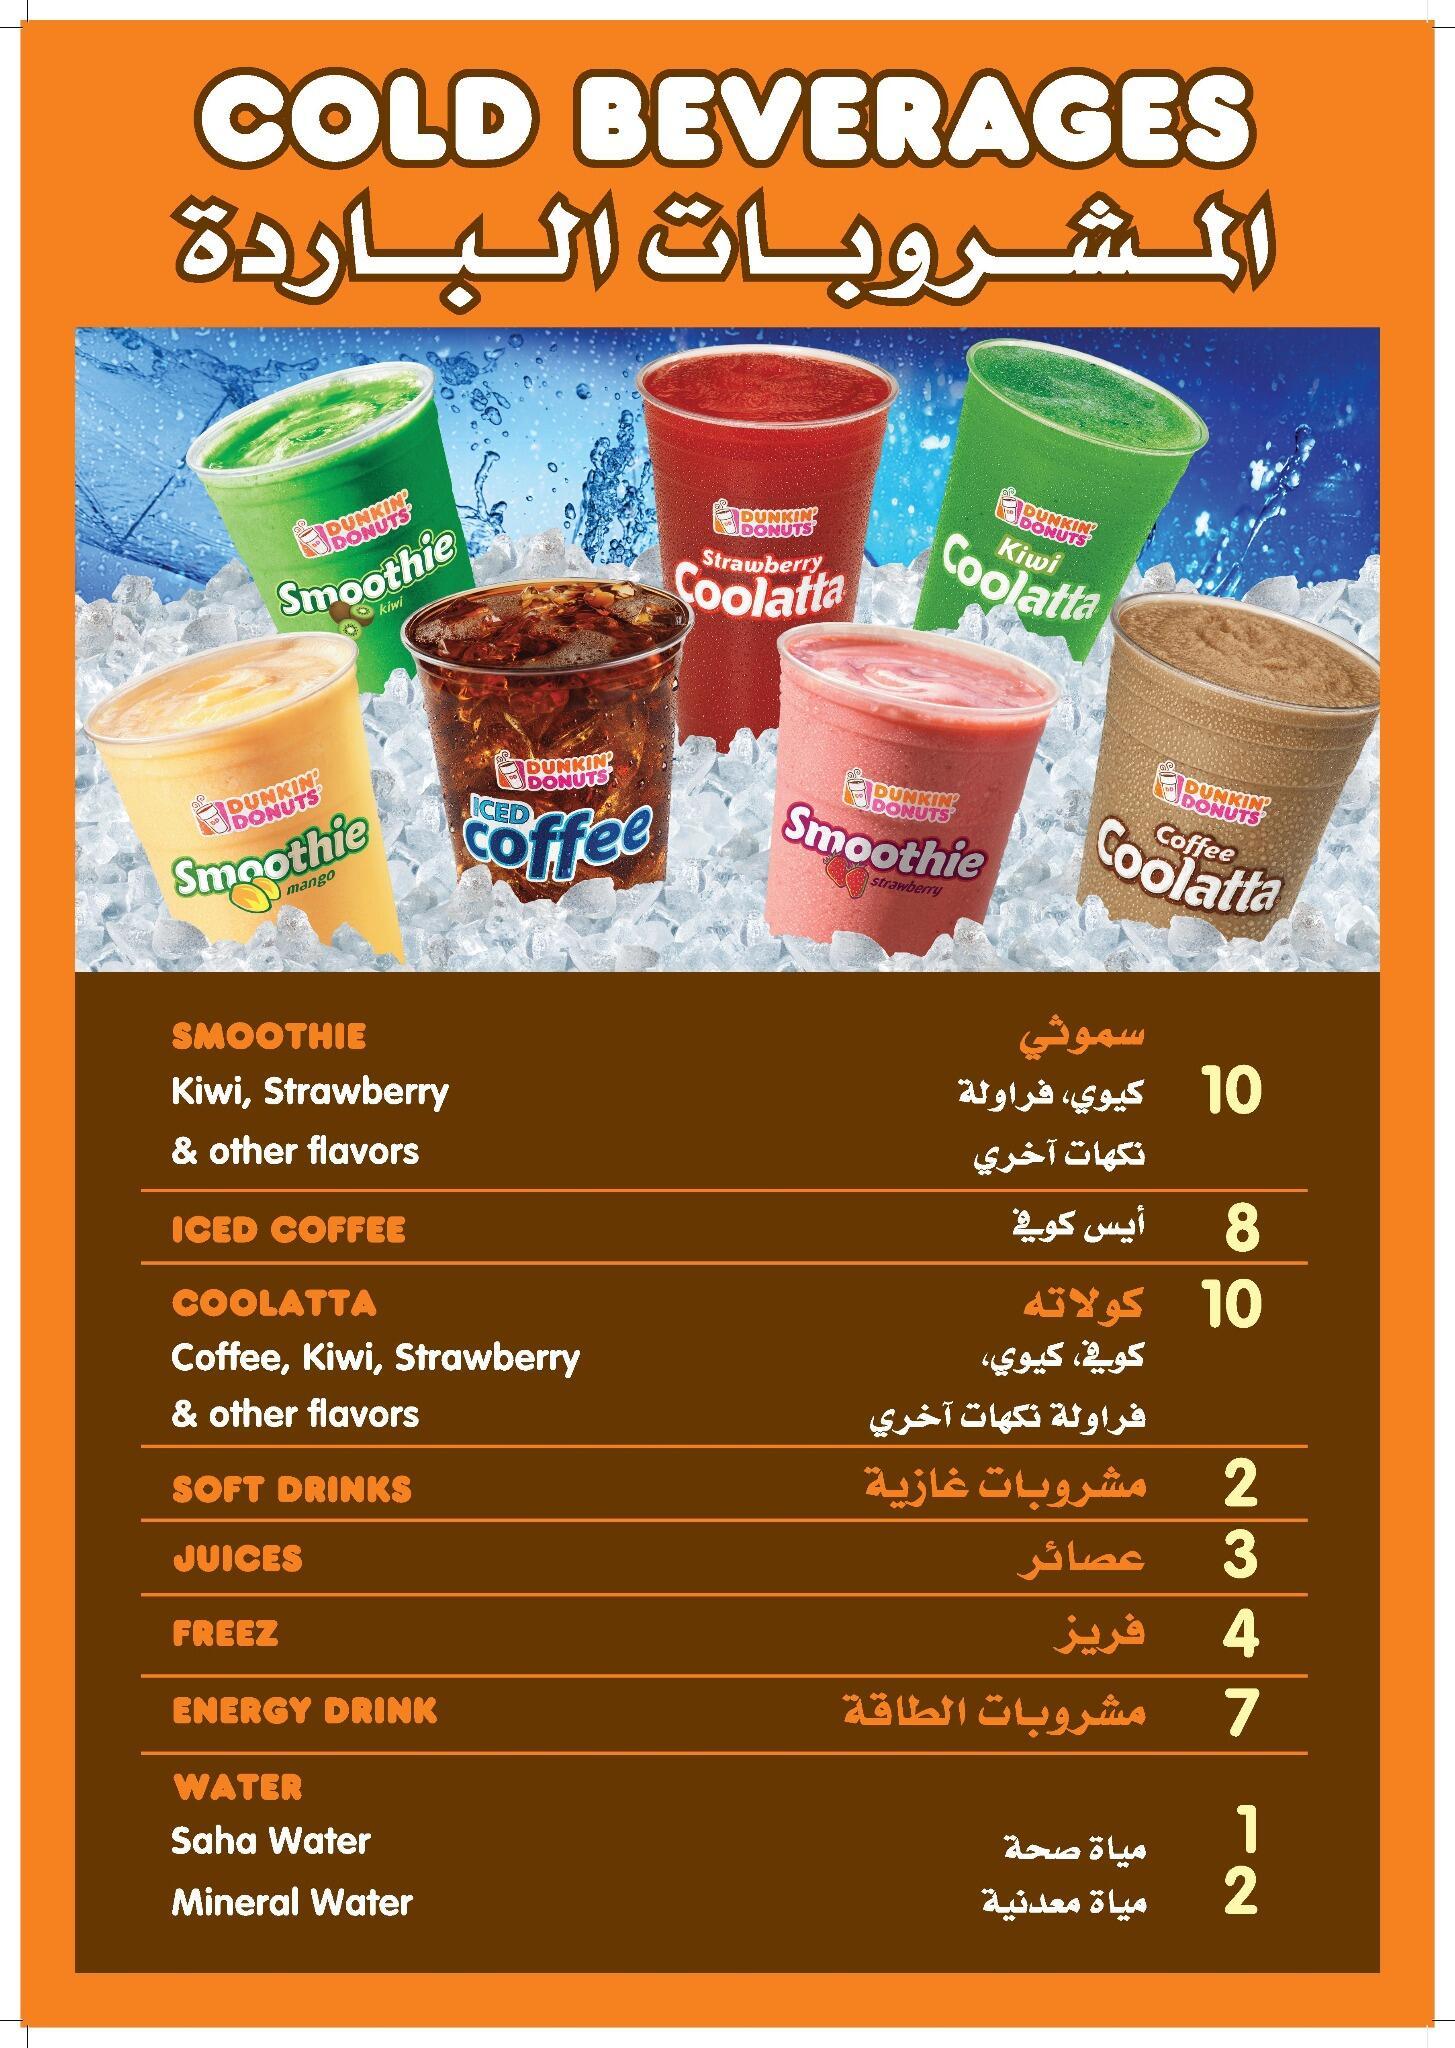 دانكن السعودية Sur Twitter قائمة المشروبات الباردة دانكن السعودية هنا دانكن Http T Co Zyy15v86fn